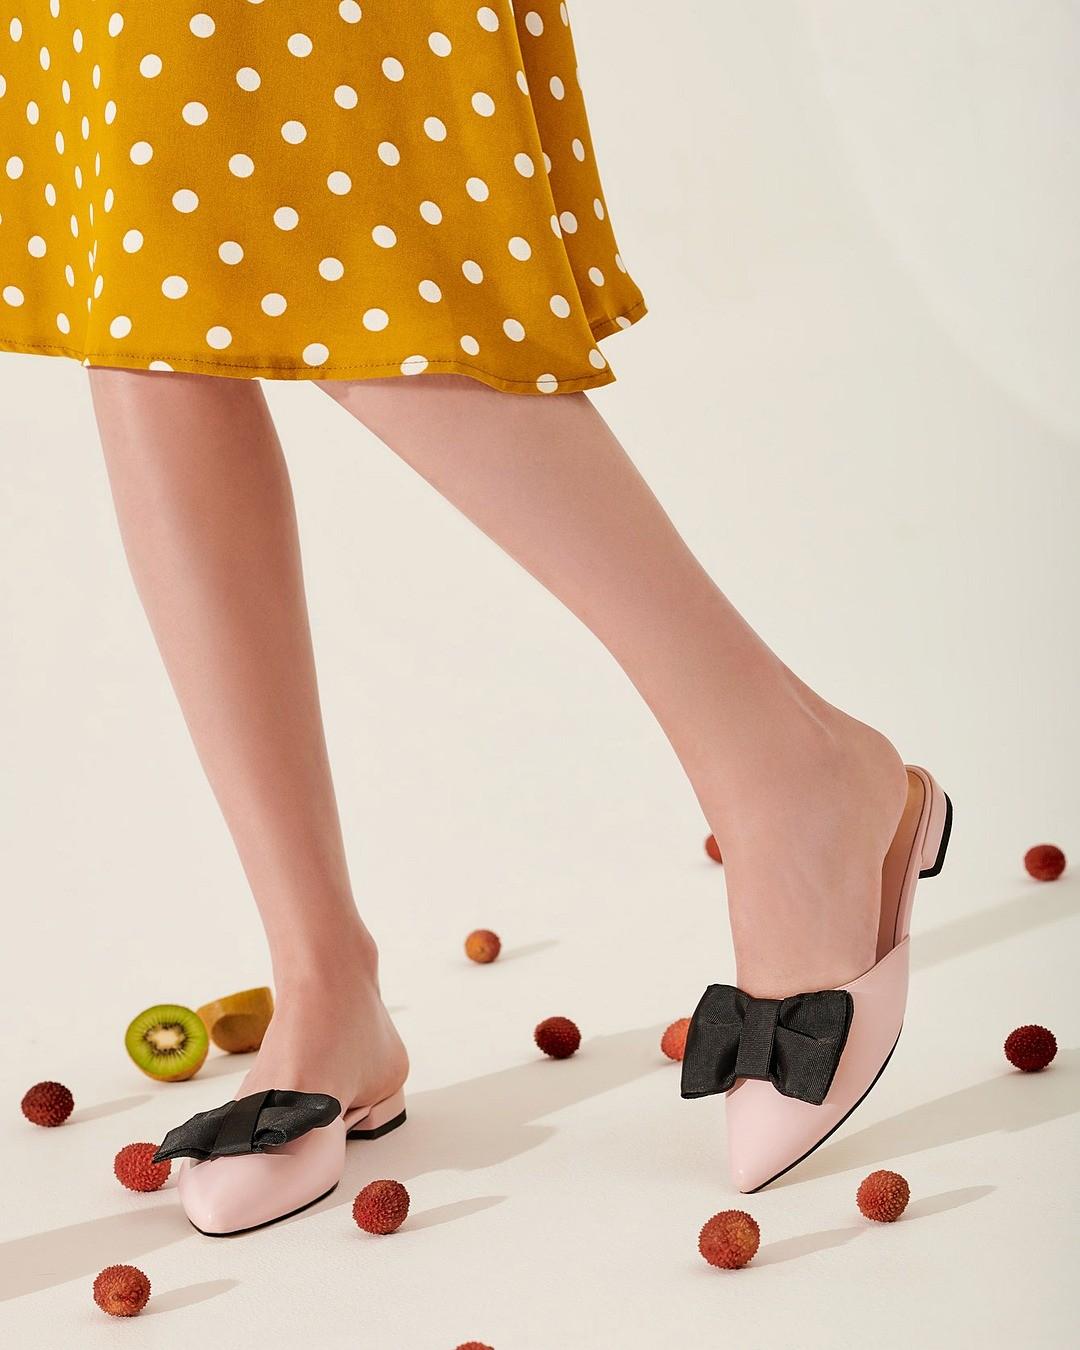 Постепенно балетки вих классическом понимании выходят измоды, вместо них появляются другие, более современные истильные модели. Например, остроносые туфельки наскромном каблуке соткр...